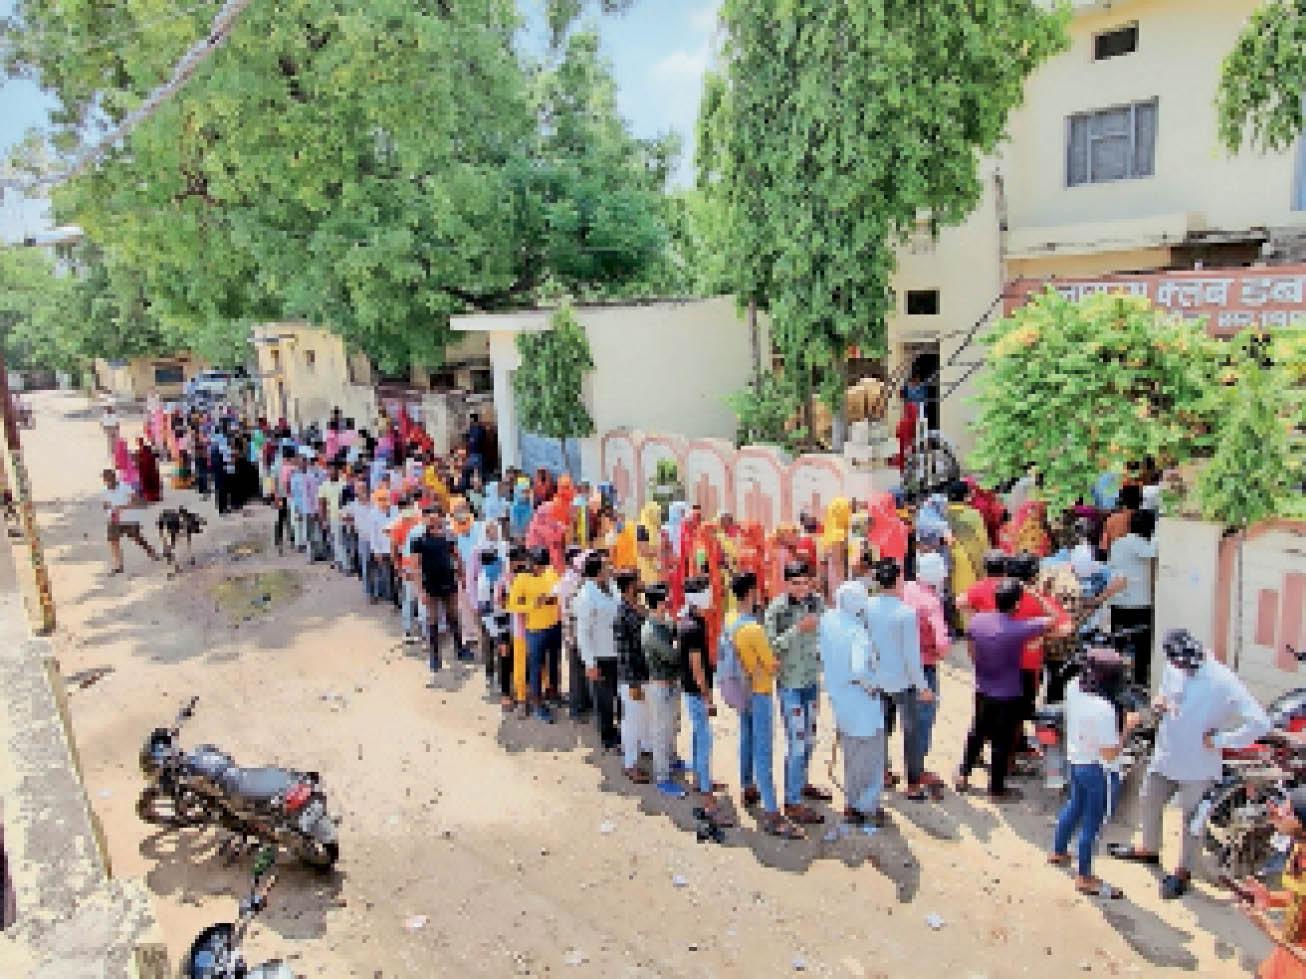 लायंस क्लब के अटेंडर हॉल में बने वैक्सीनेशन सेंटर पर सुबह छह बजे से ही लग गई लोगों की लंबी लाइन। - Dainik Bhaskar